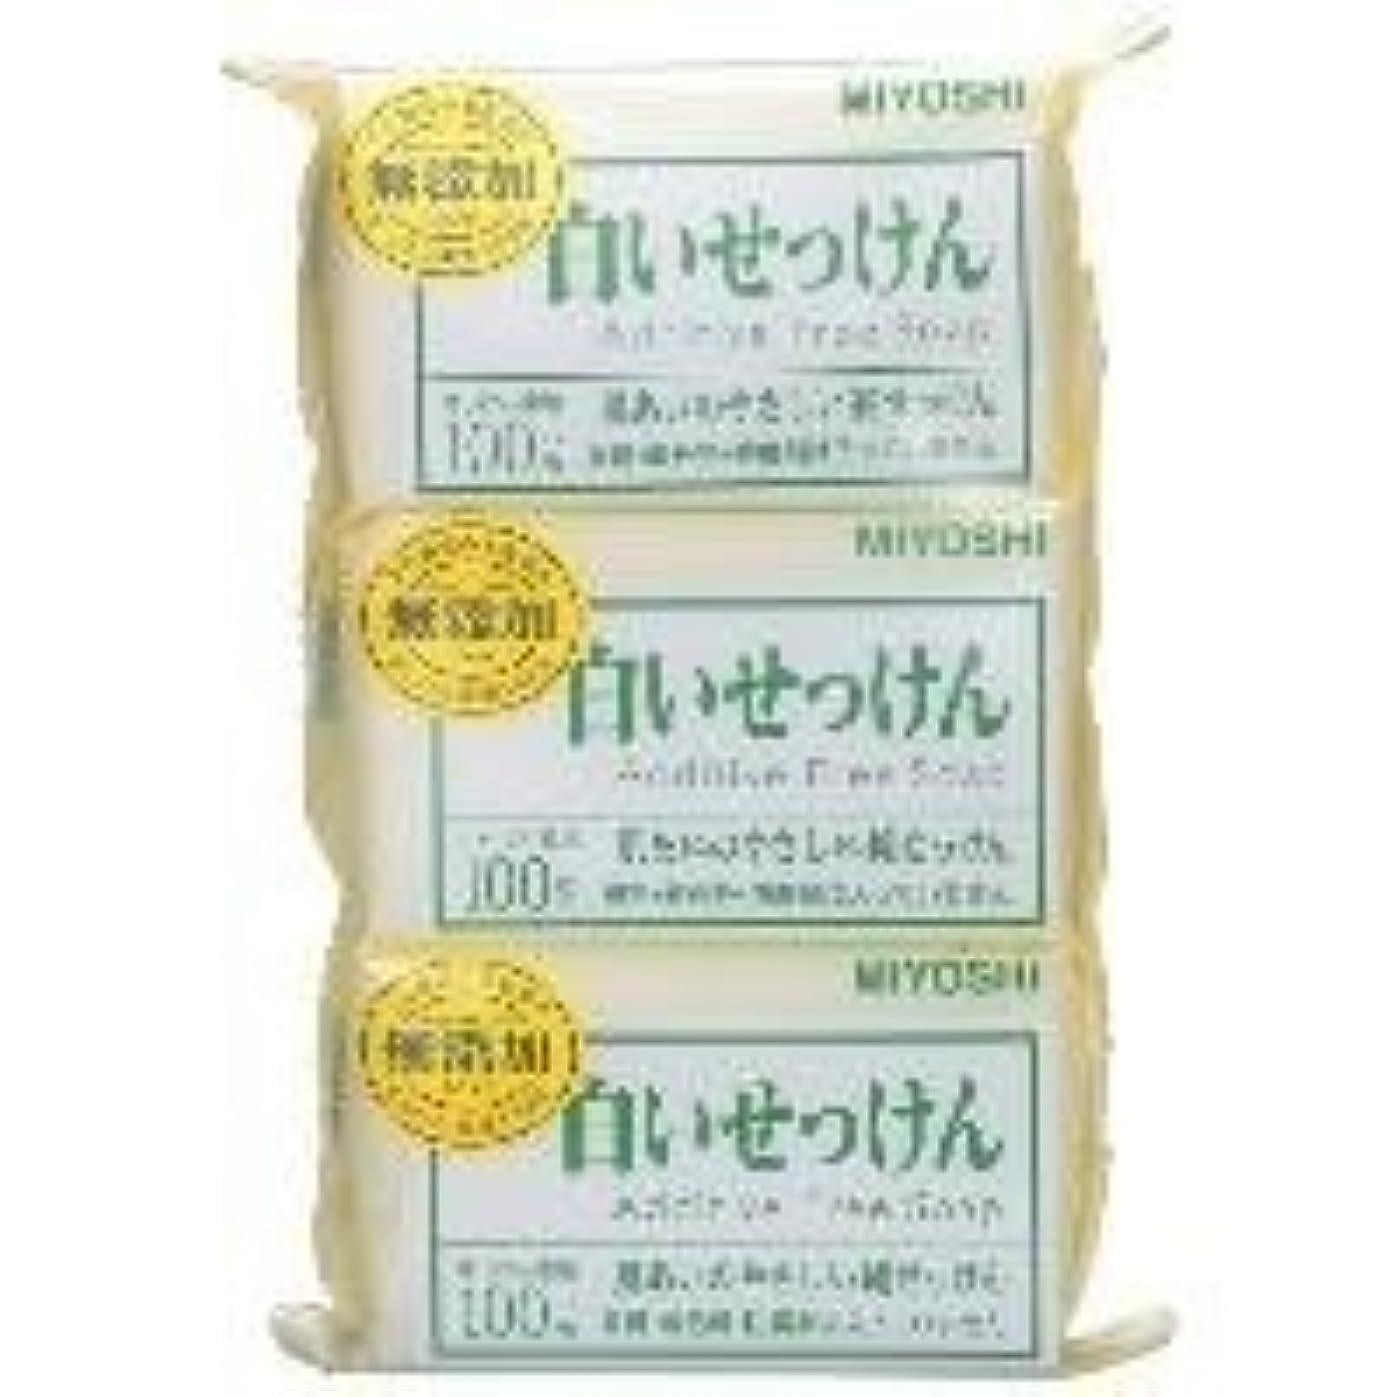 磁気文化乳【MIYOSHI】無添加 白いせっけん 108g×3個入